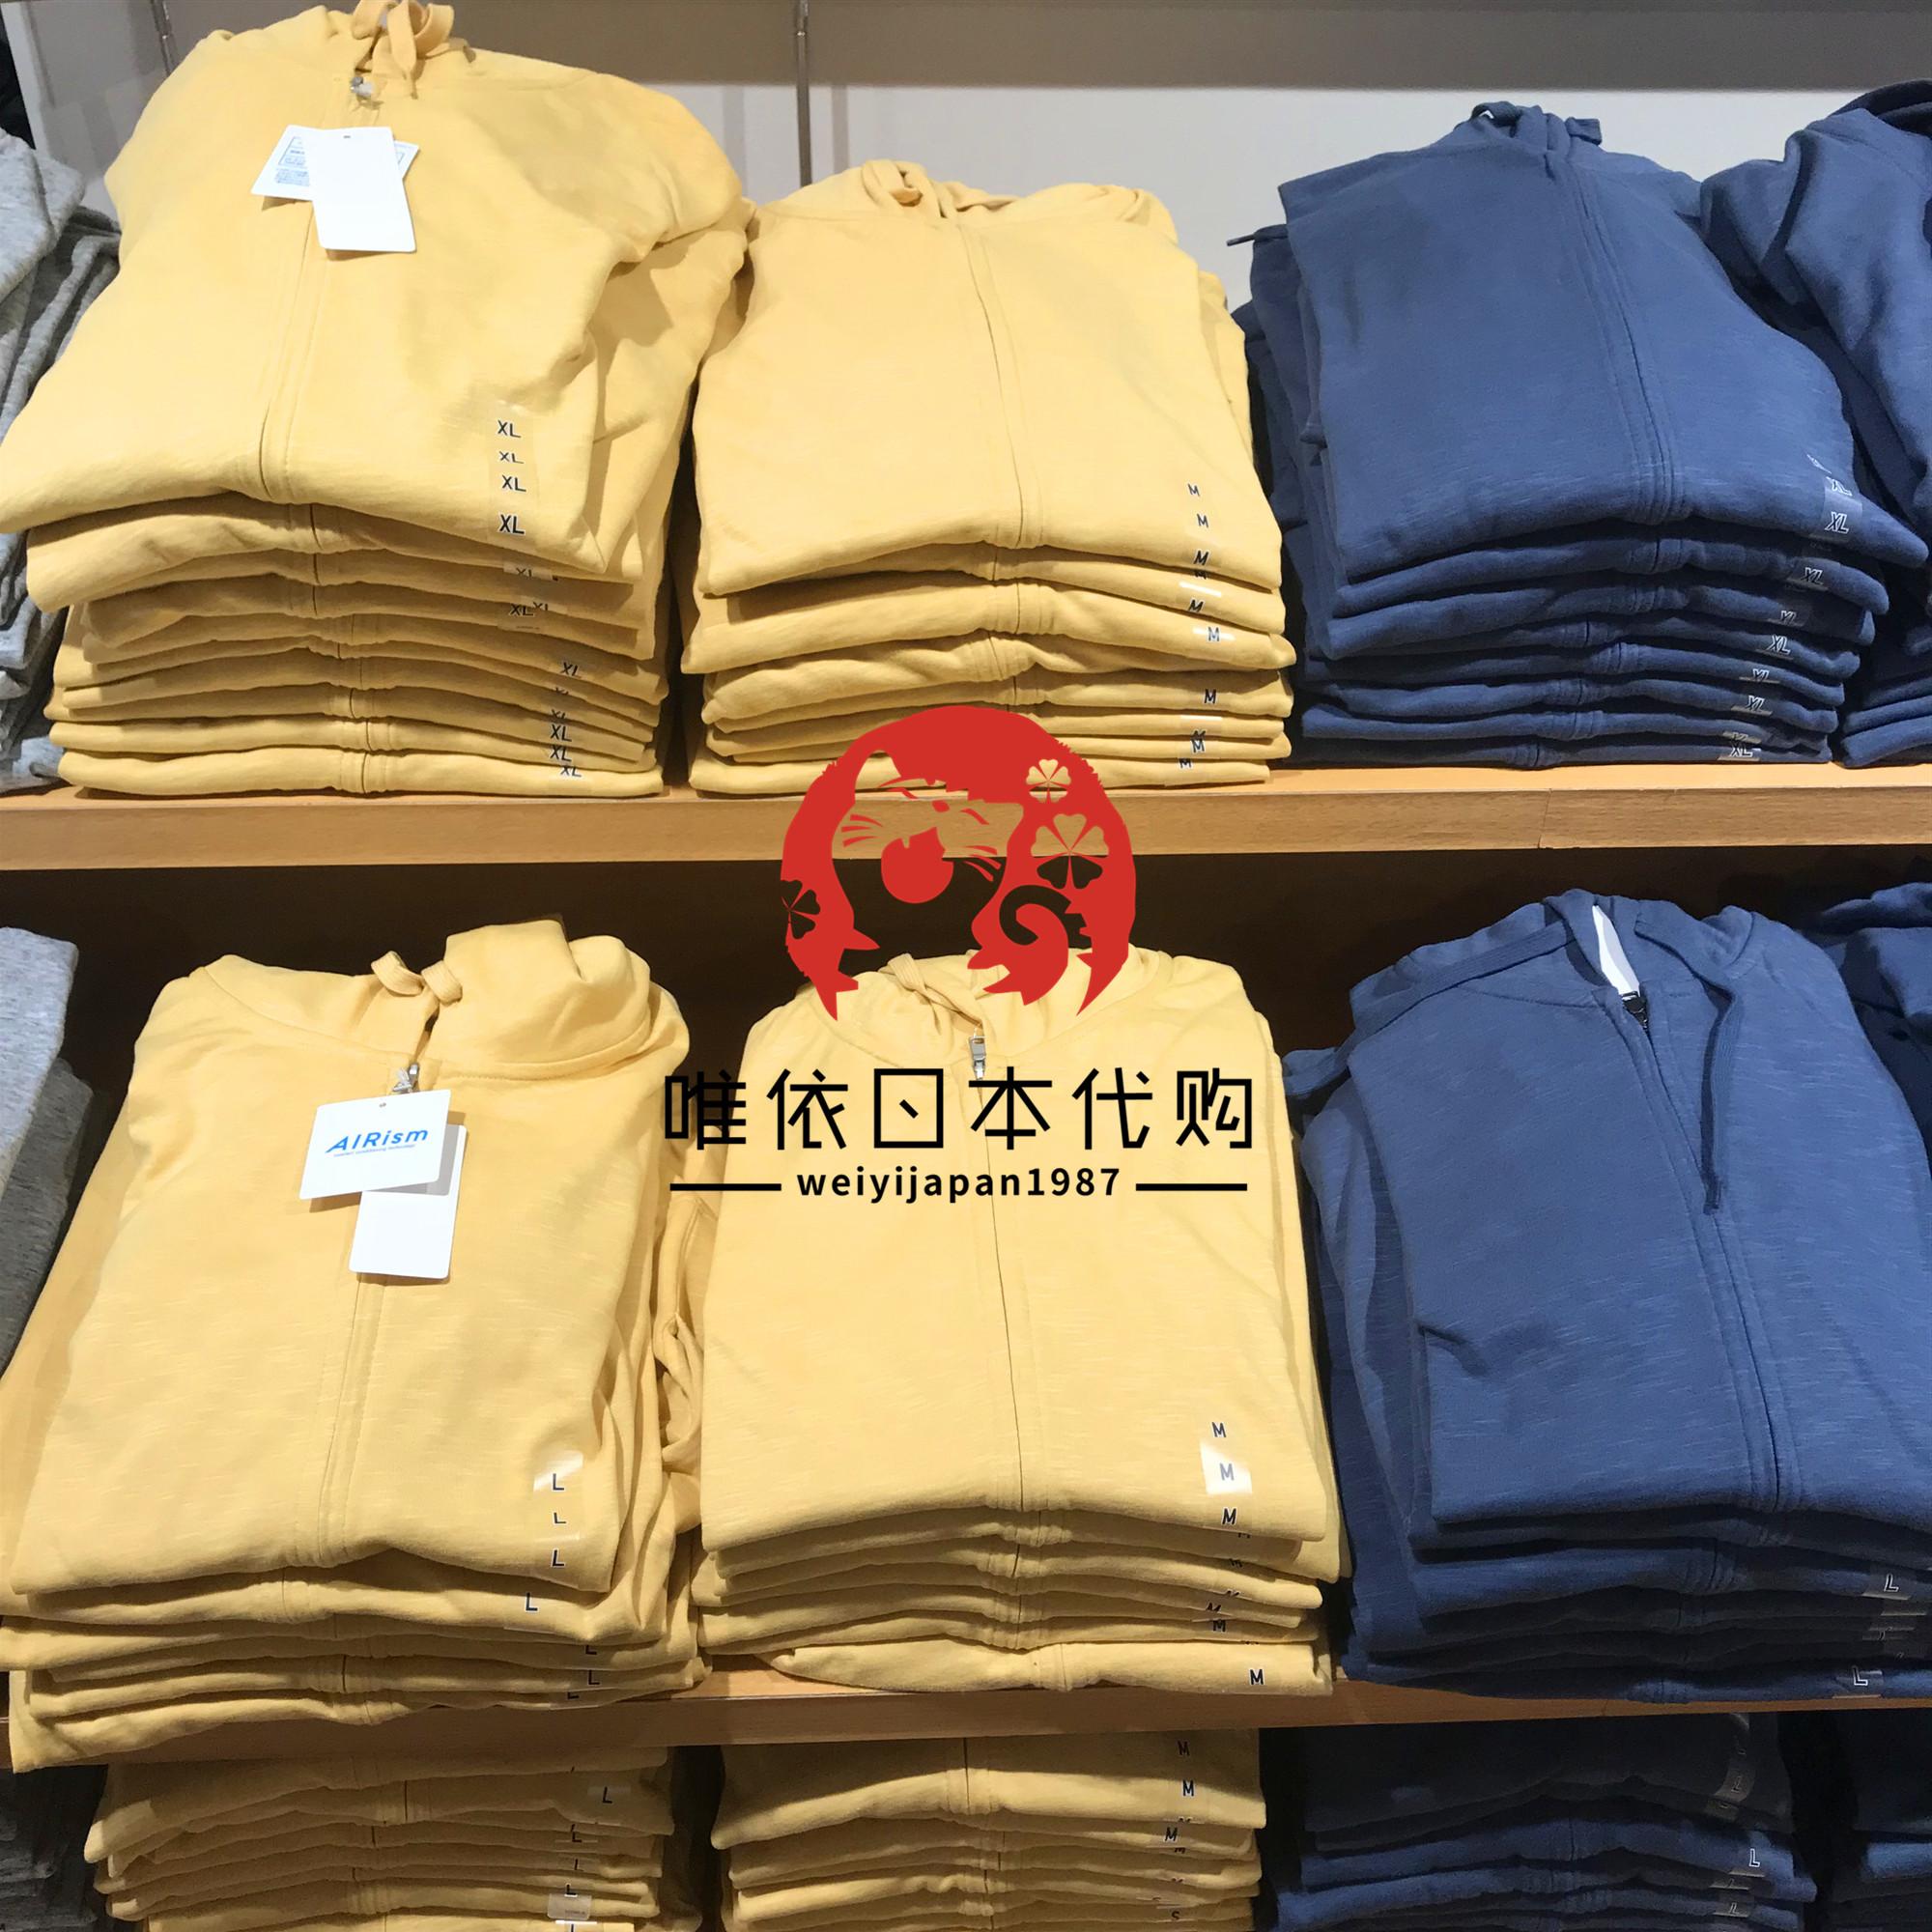 防紫外线隔离棉质薄款UPF40年新款优衣库男士防晒衣19日本本土